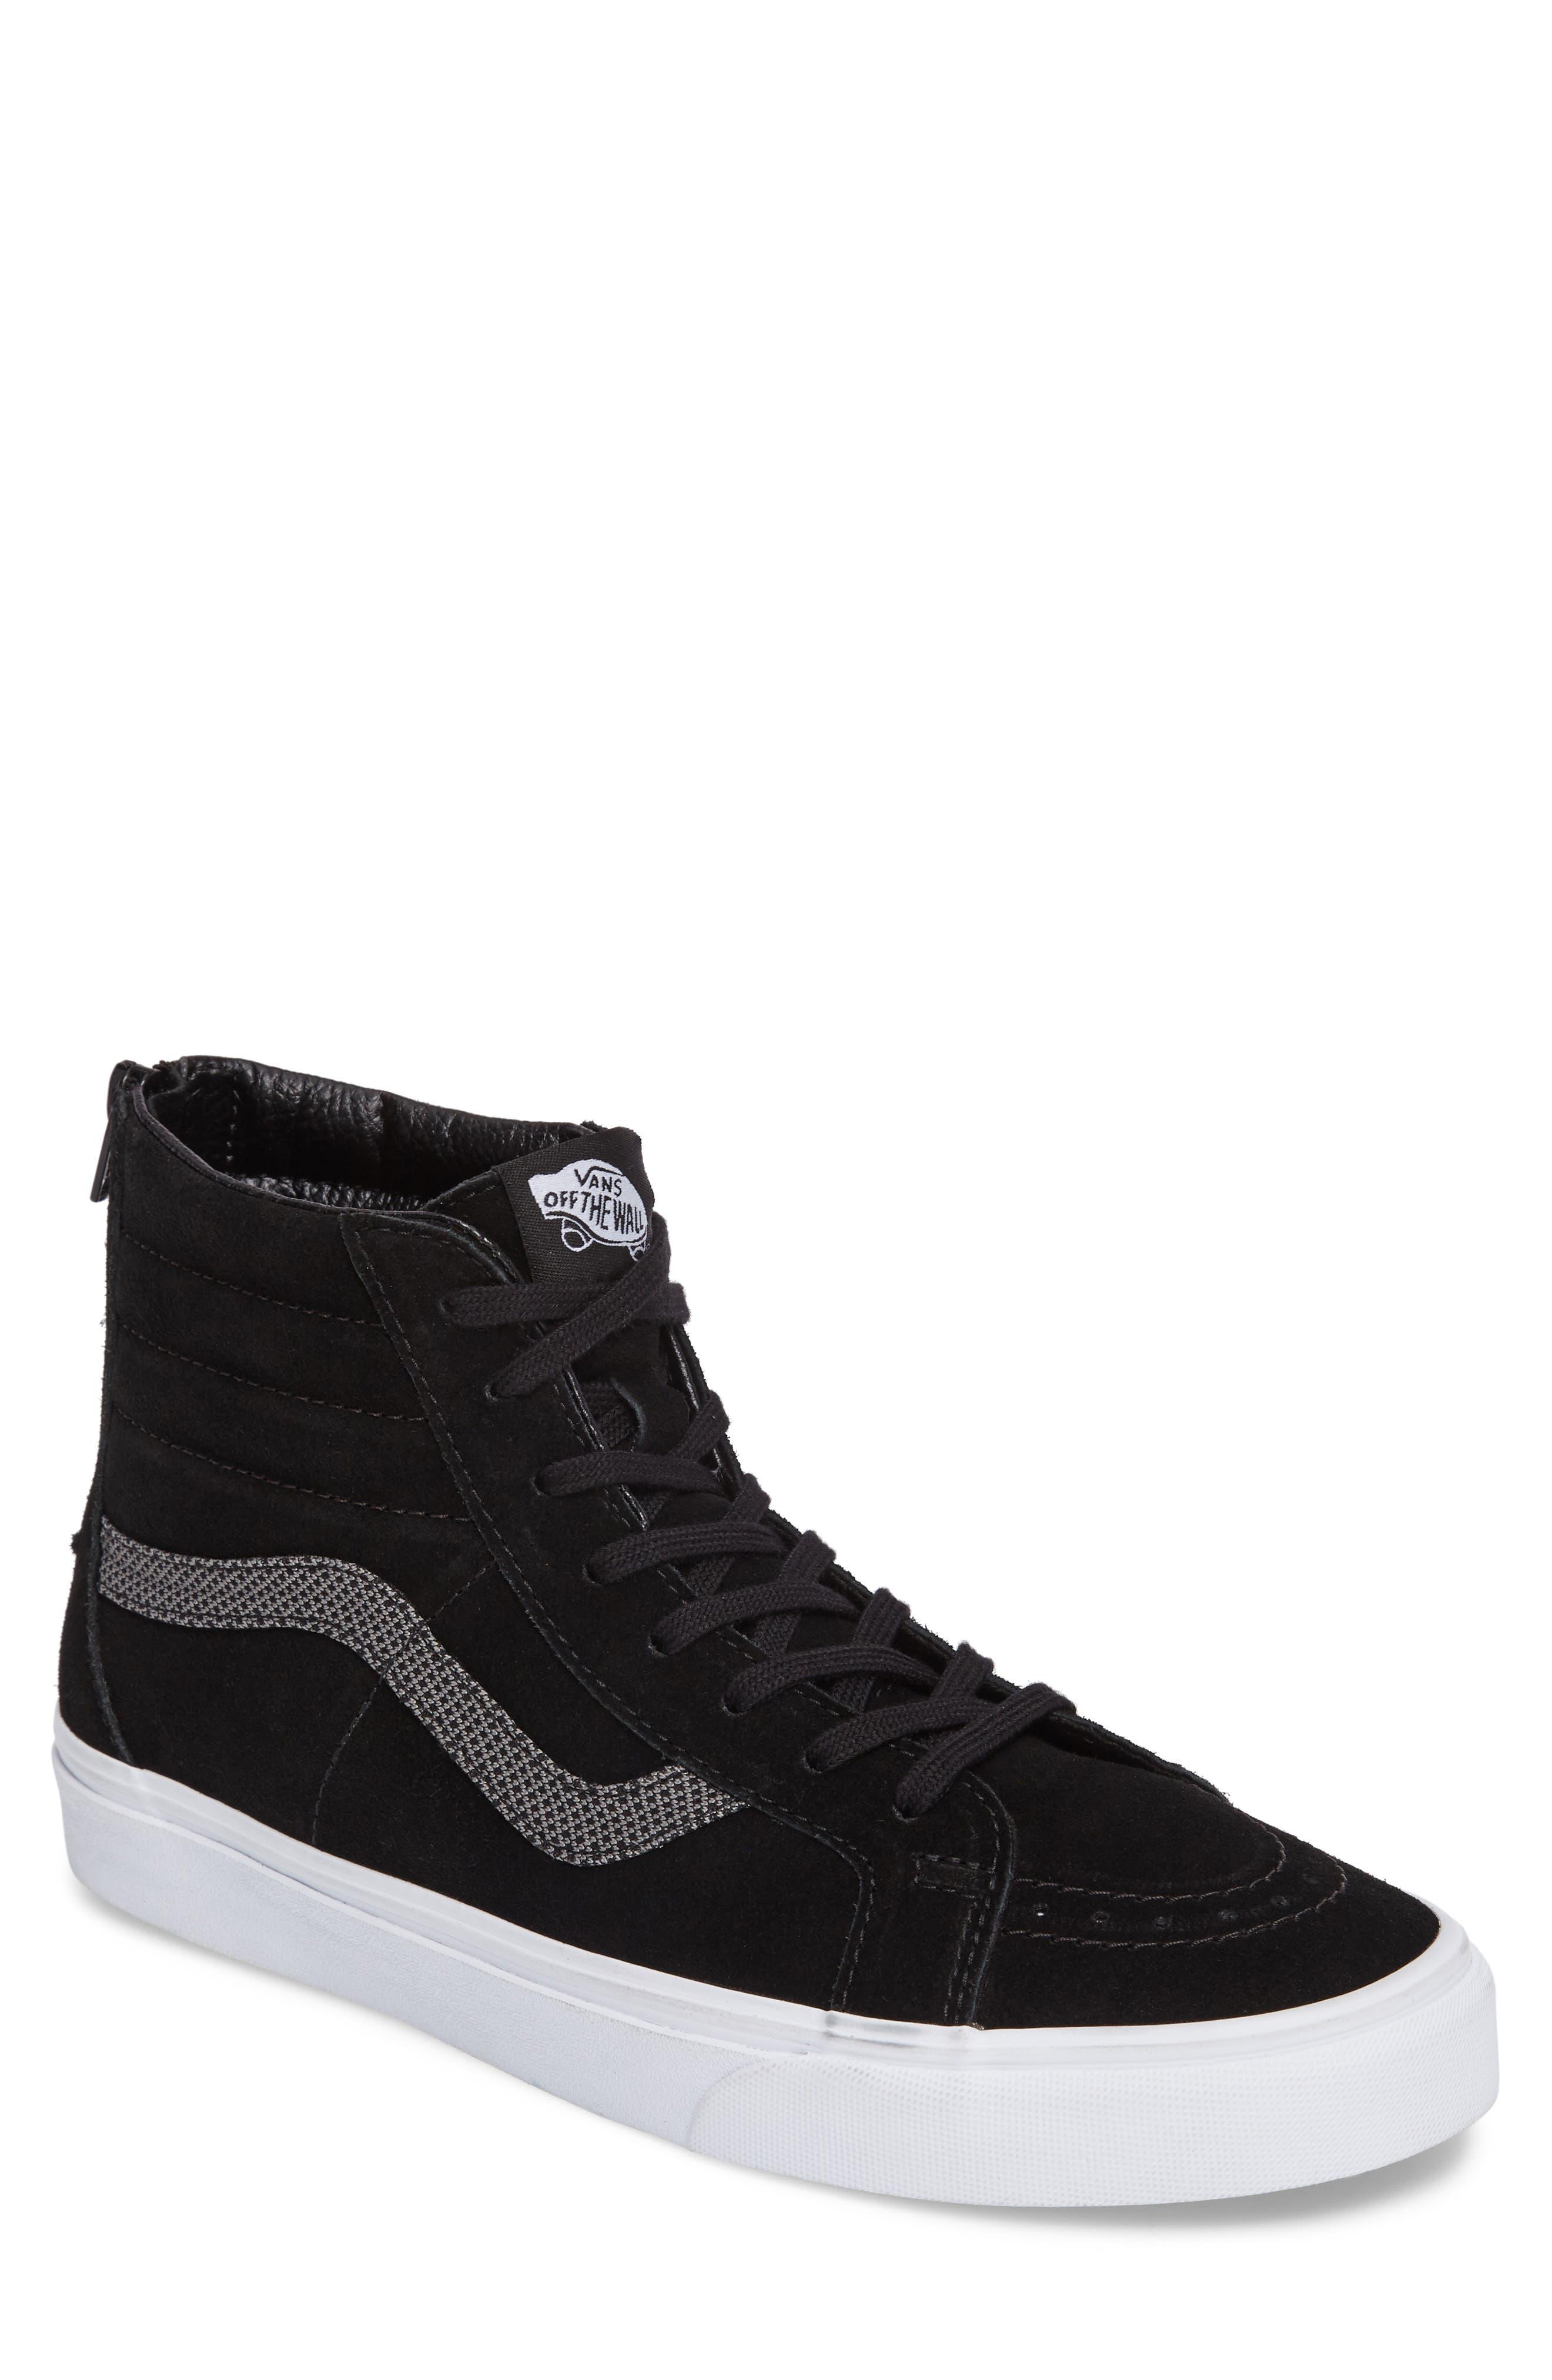 Vans Sk8 Hi Sneaker (Men)